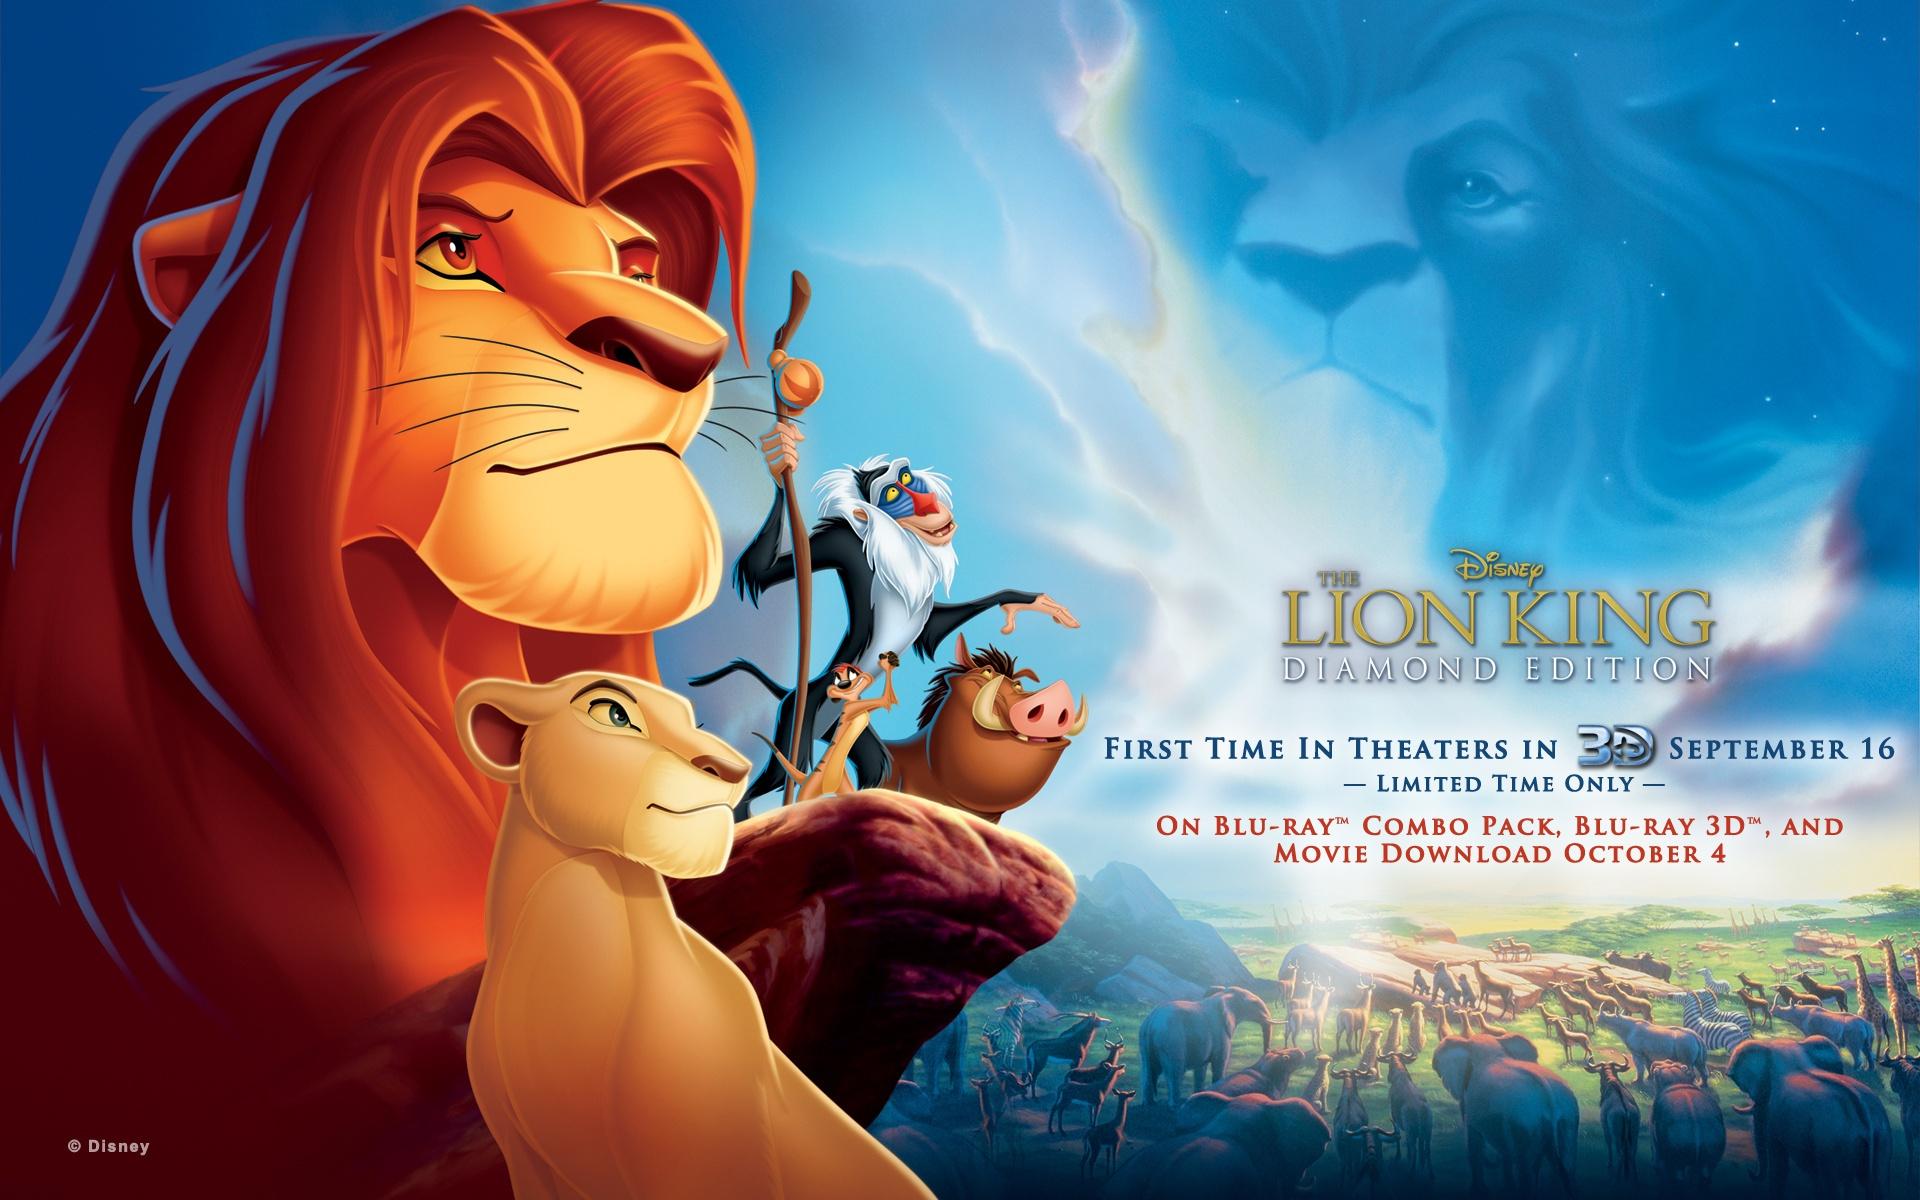 壁紙 ディズニー映画のライオンキング 1920x1200 Hd 無料の